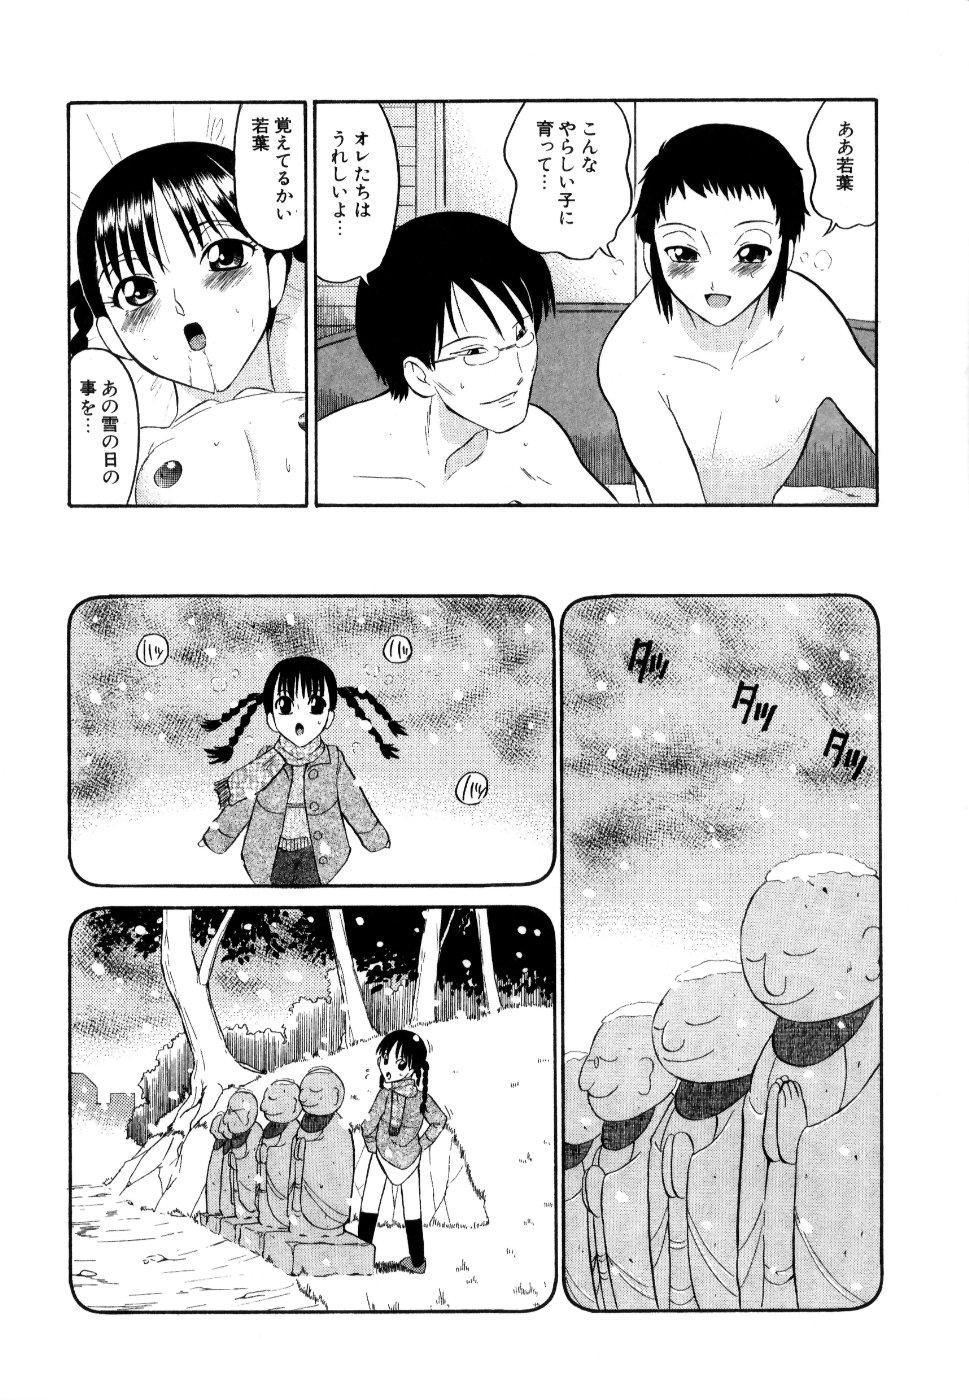 [Dozamura] Doguu -Dozamura Guuwa- Kuro 184